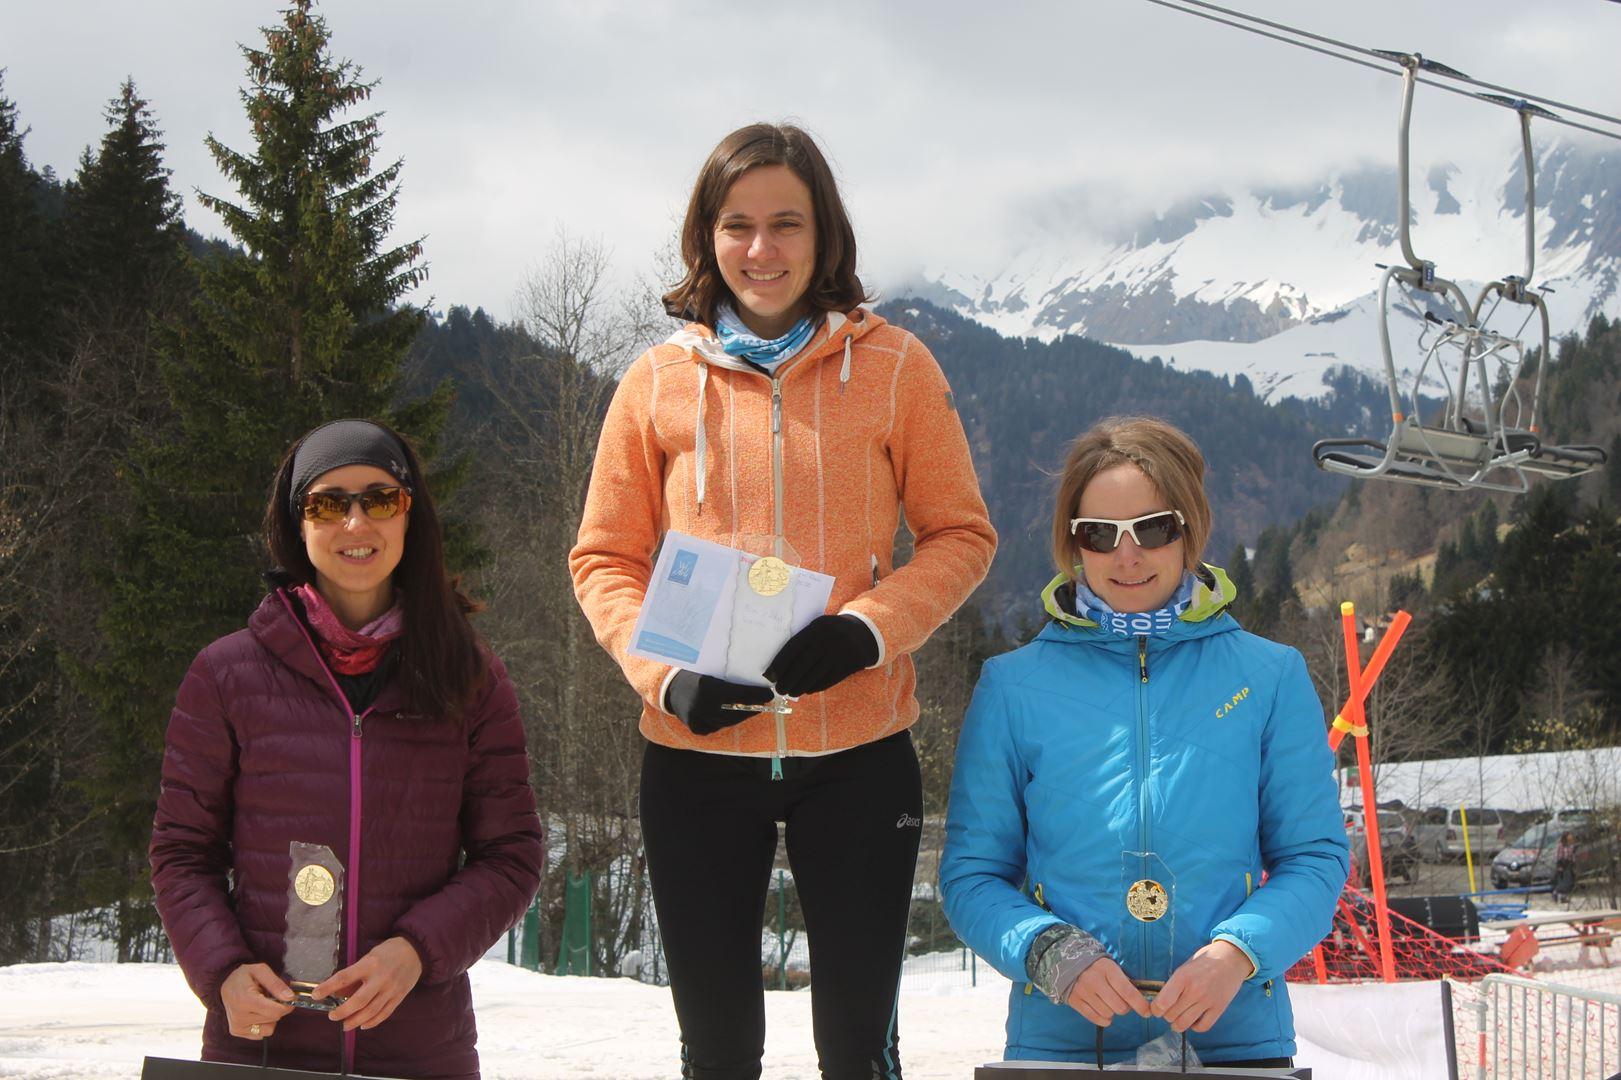 Podium Femmes parcours expert - RESULTATS ET REPORTAGE SUR LA 8EME EDITION DE l'ARAVIS SNOW TRAIL  (LA GIETTAZ 73)